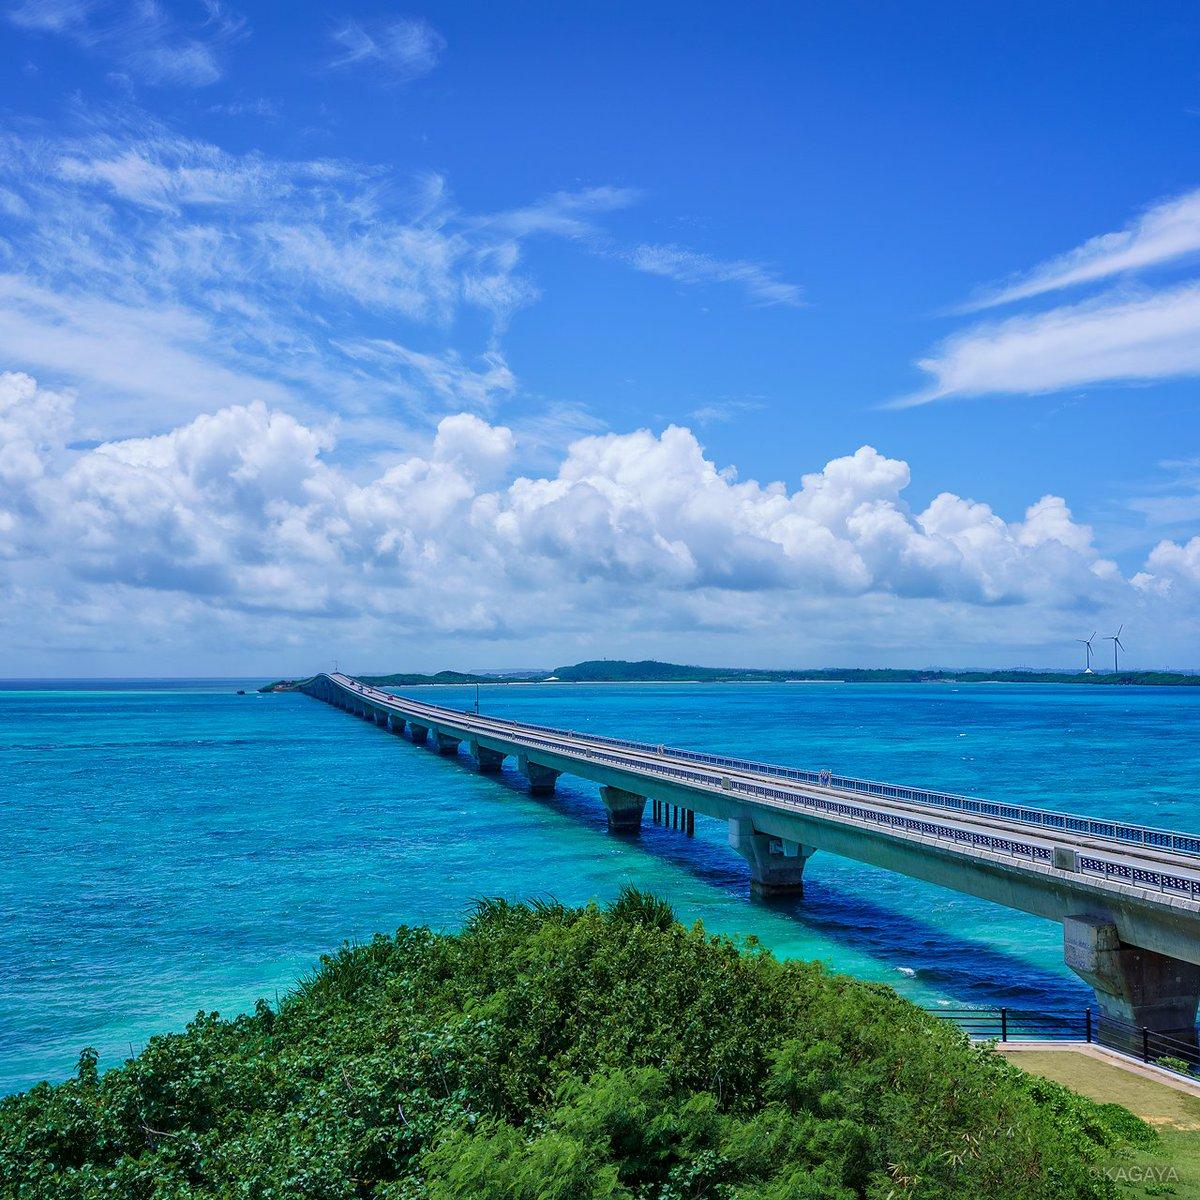 夏の橋を渡って。 (先日、沖縄県宮古島にて撮影) 今週もお疲れさまでした。おだやかな週末になりますように。